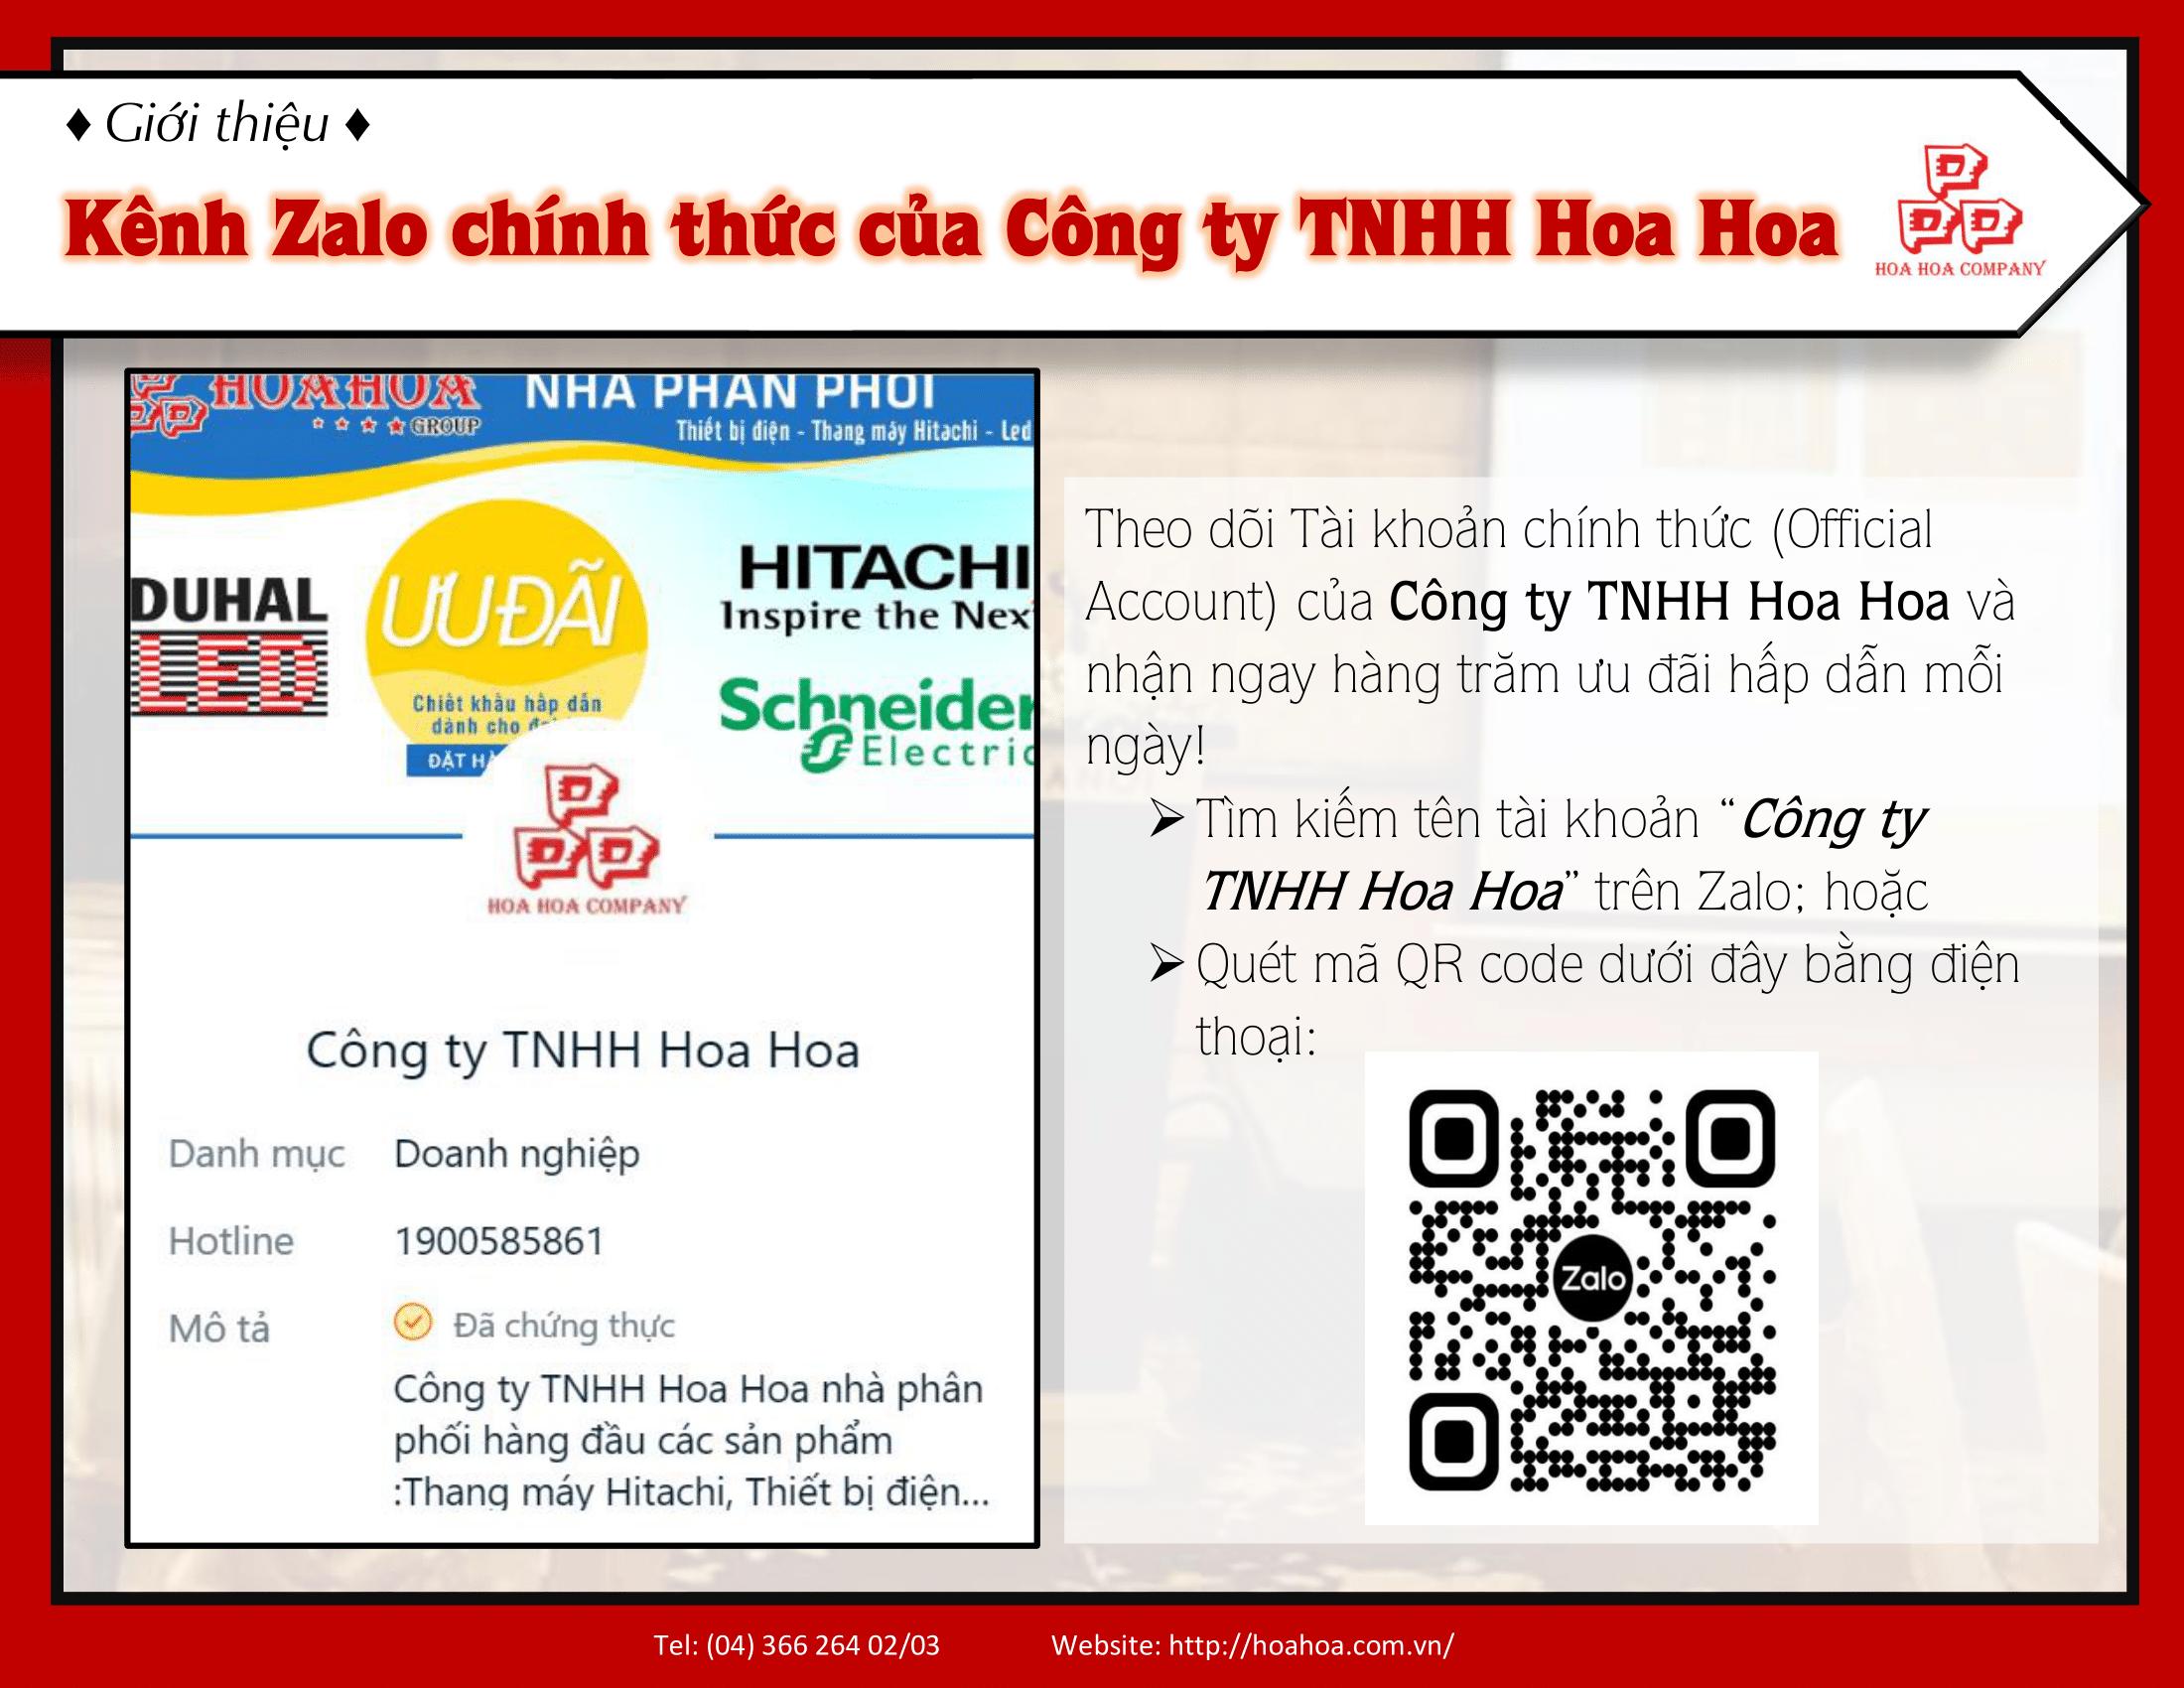 Kênh Zalo chính thức của công ty TNHH Hoa Hoa